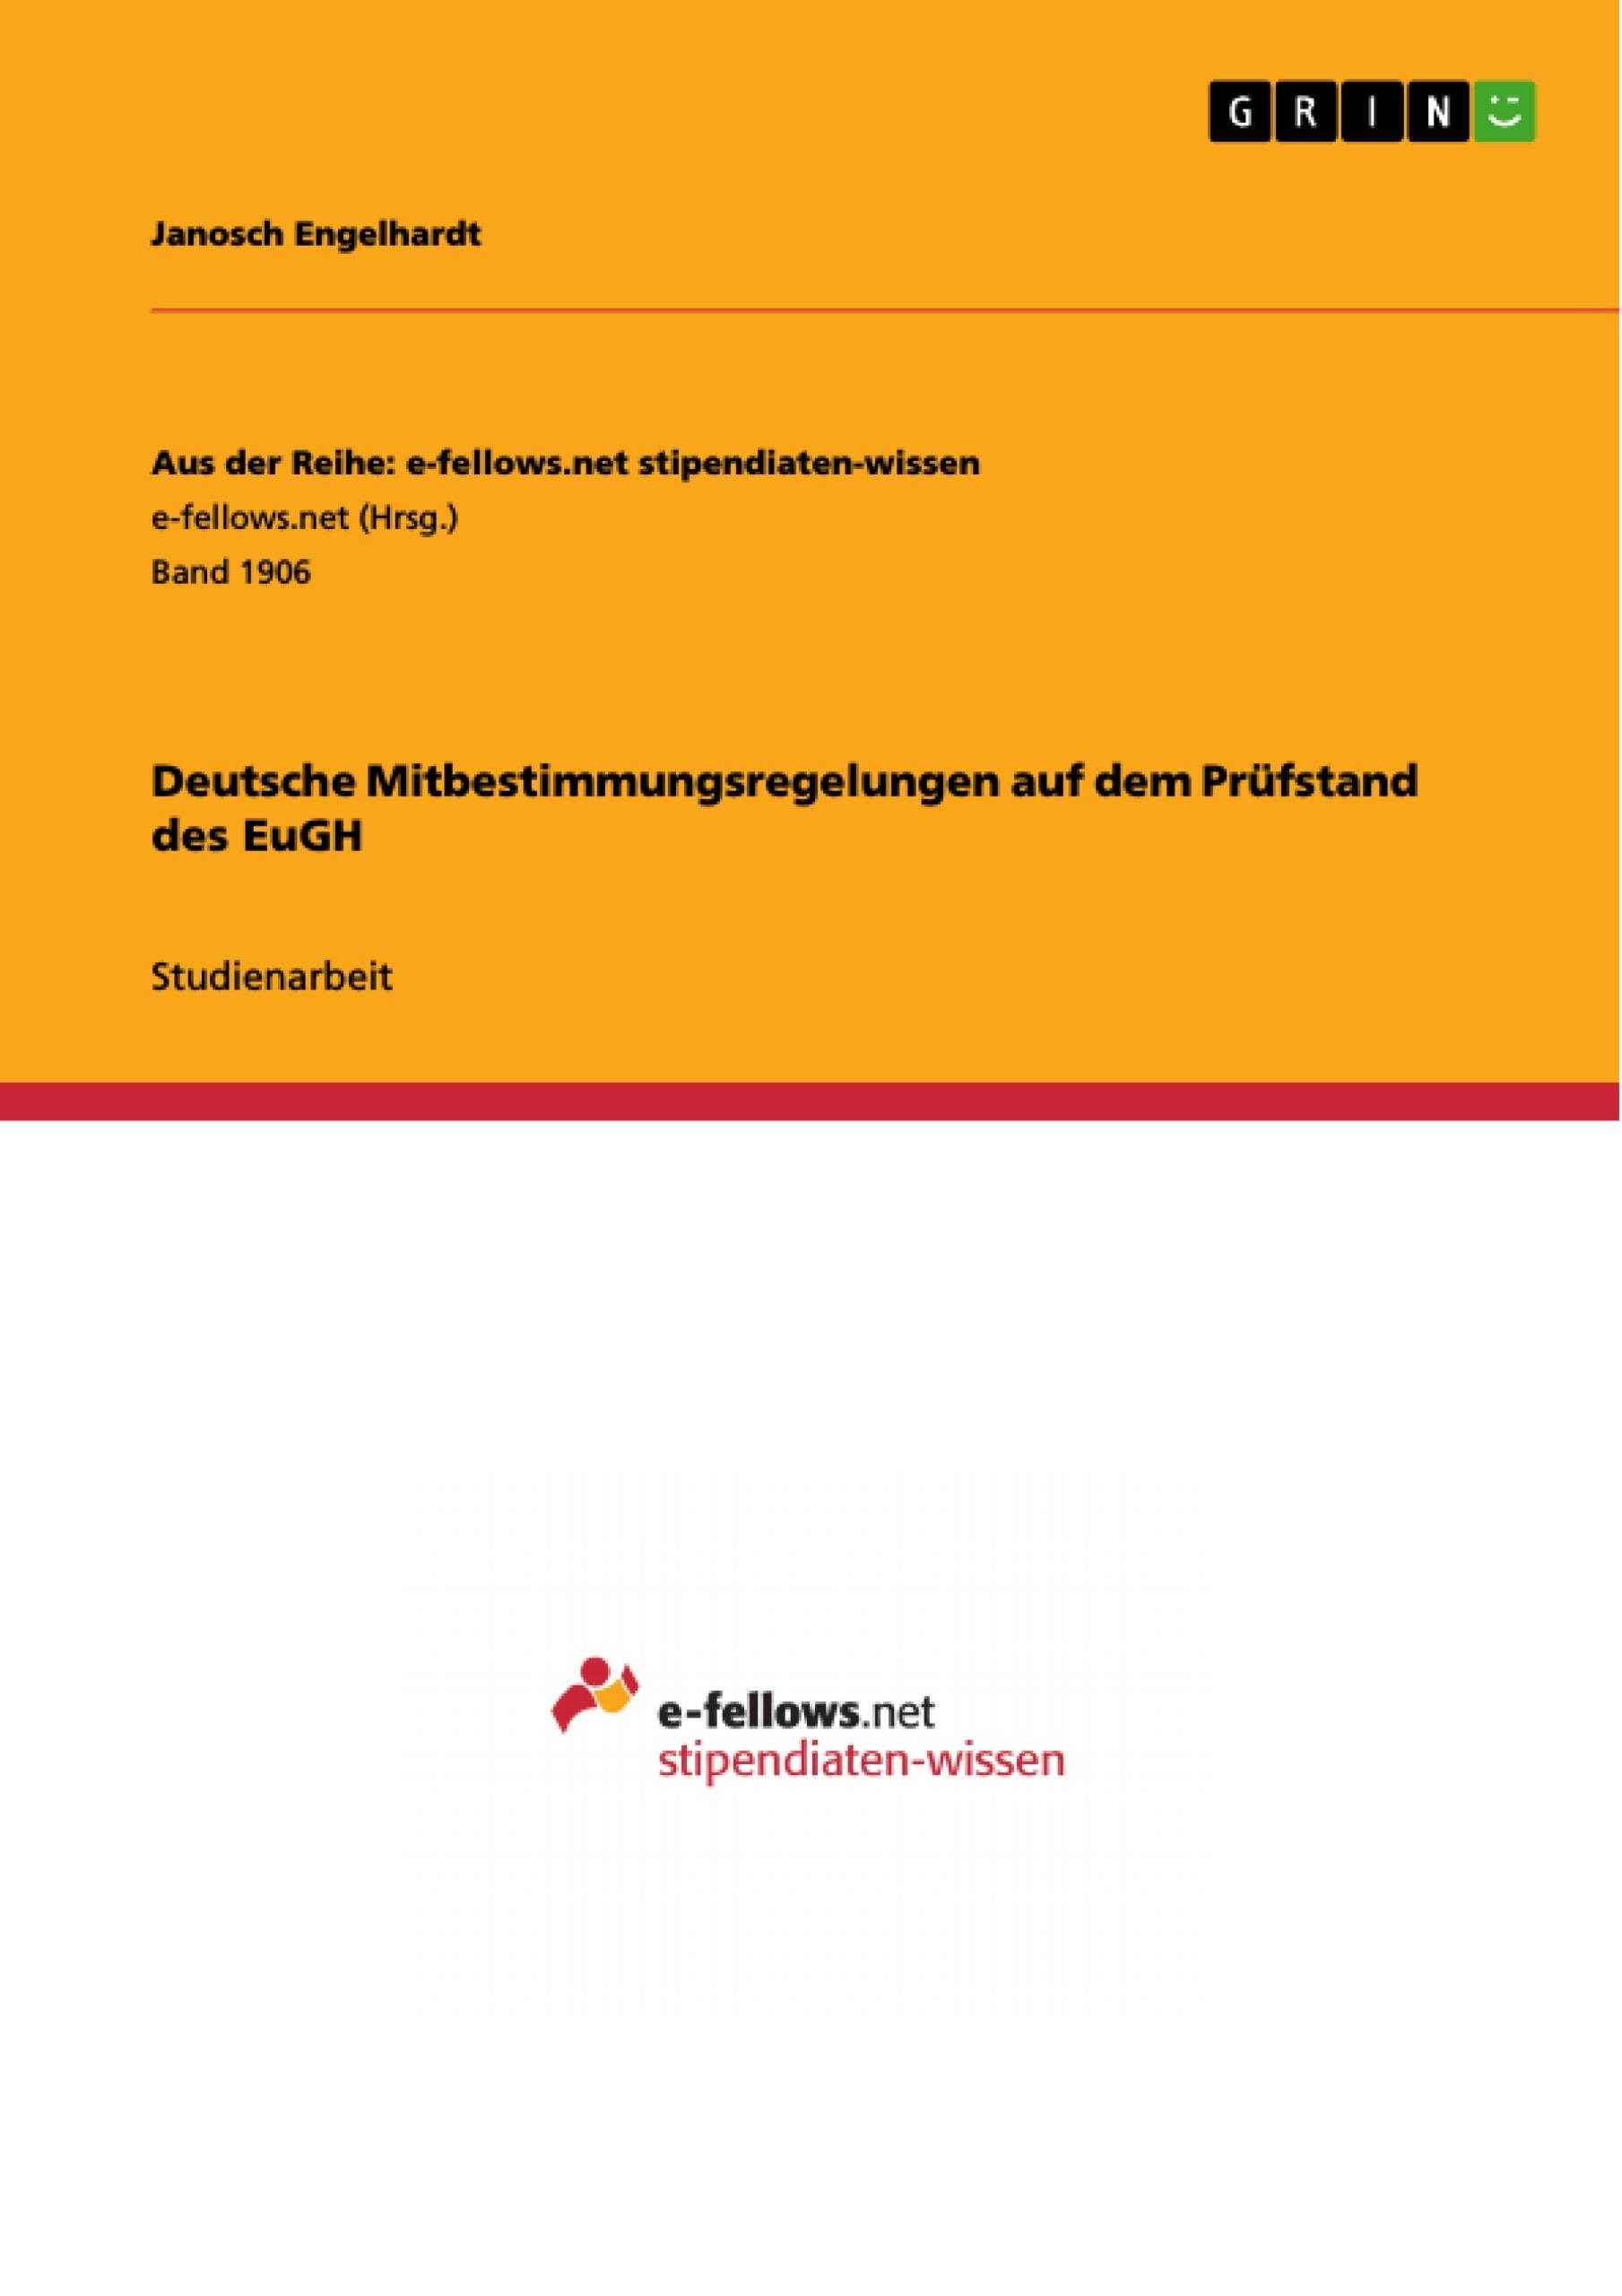 Titel: Deutsche Mitbestimmungsregelungen auf dem Prüfstand des EuGH